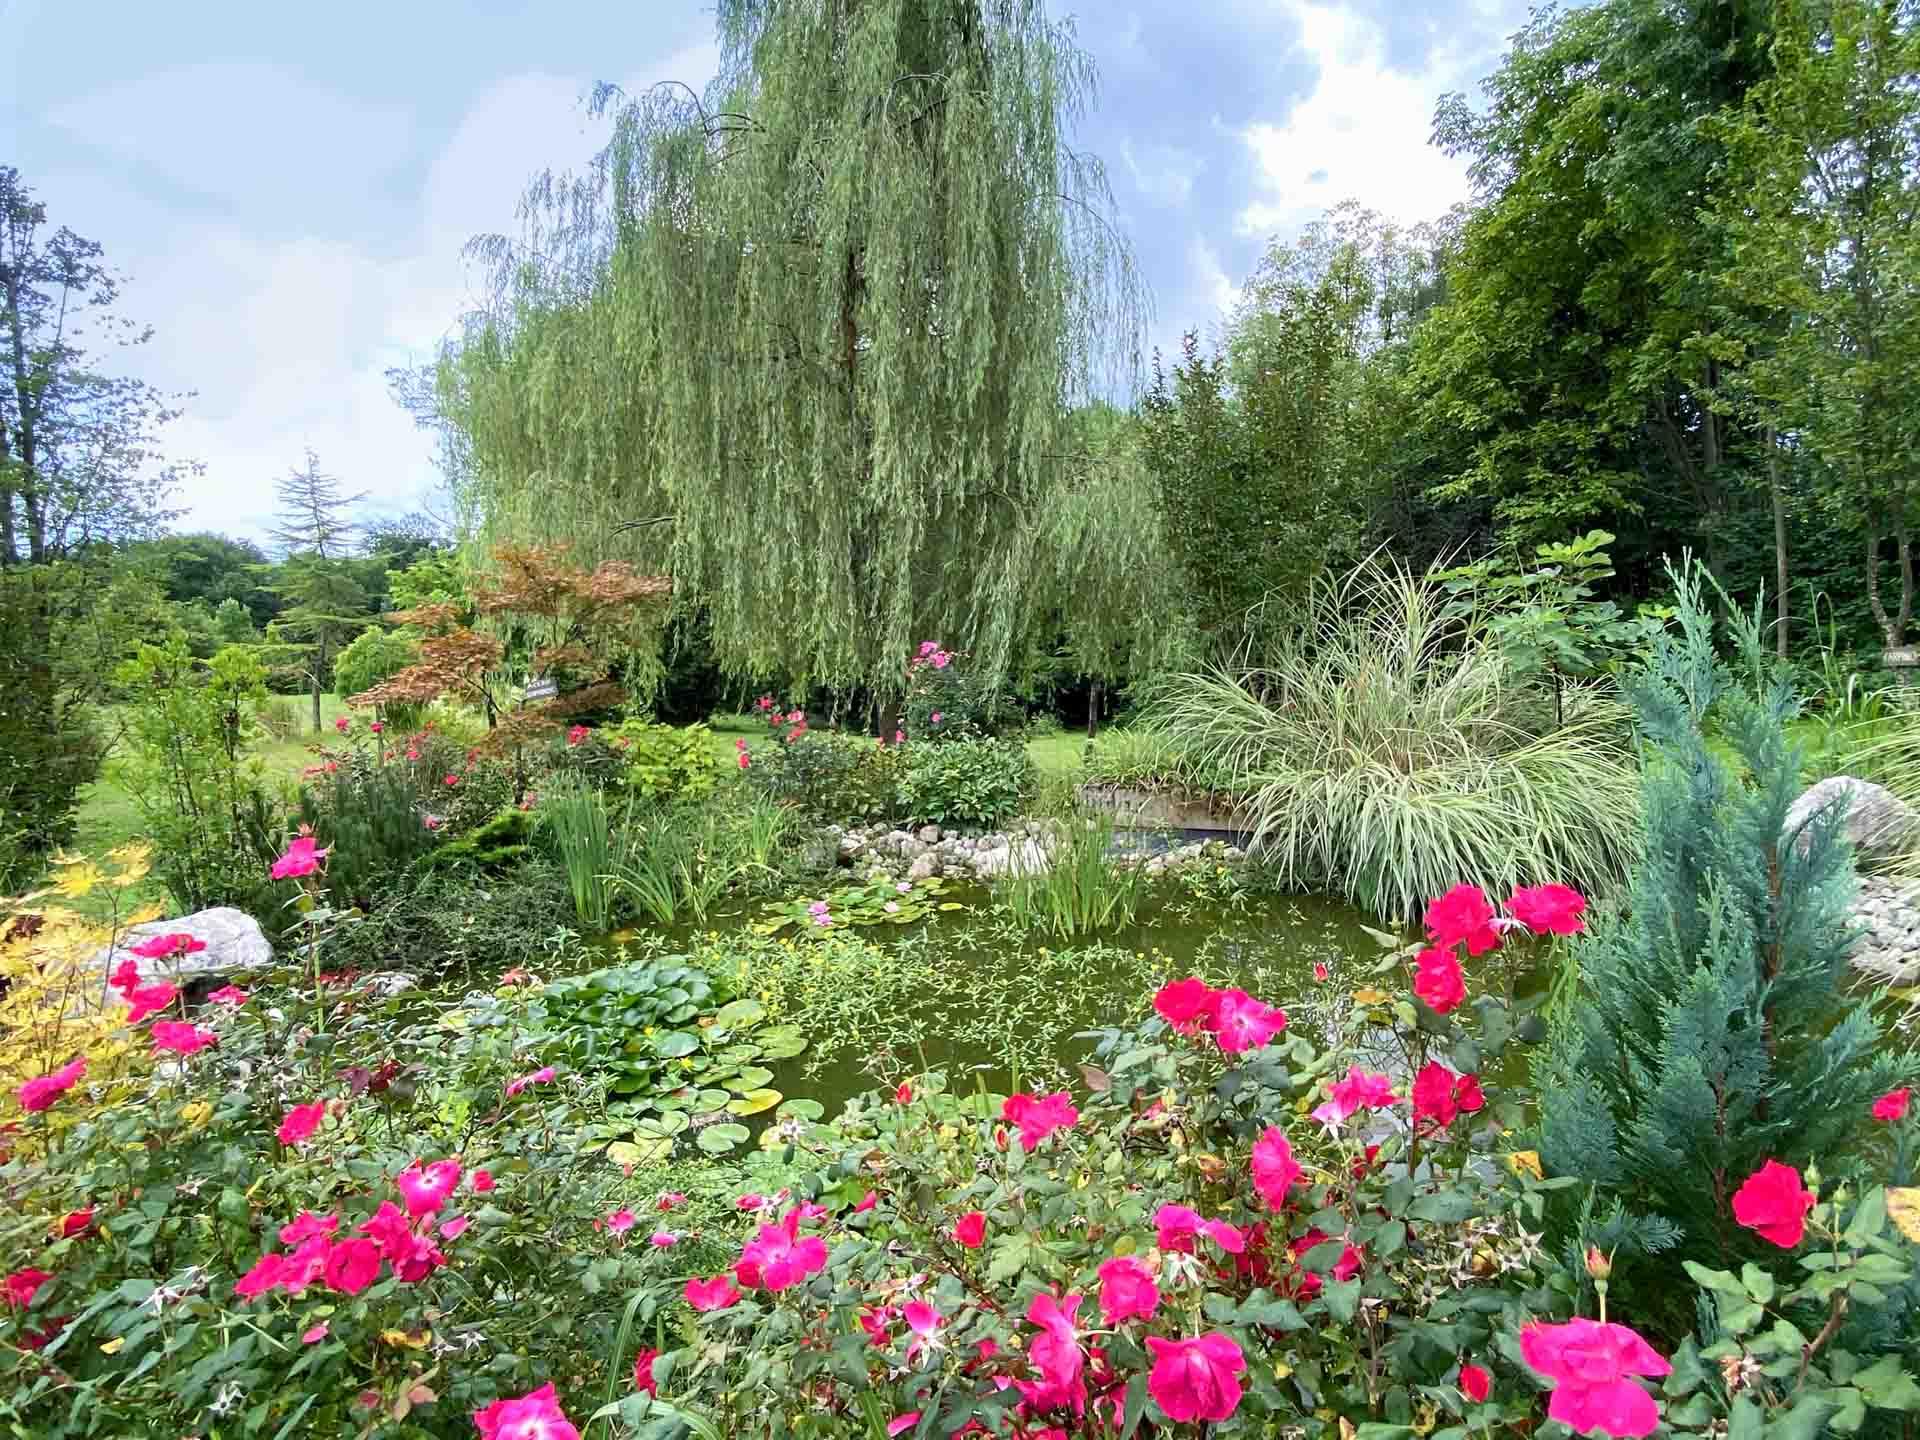 fattoria-dei-fiori-giardino